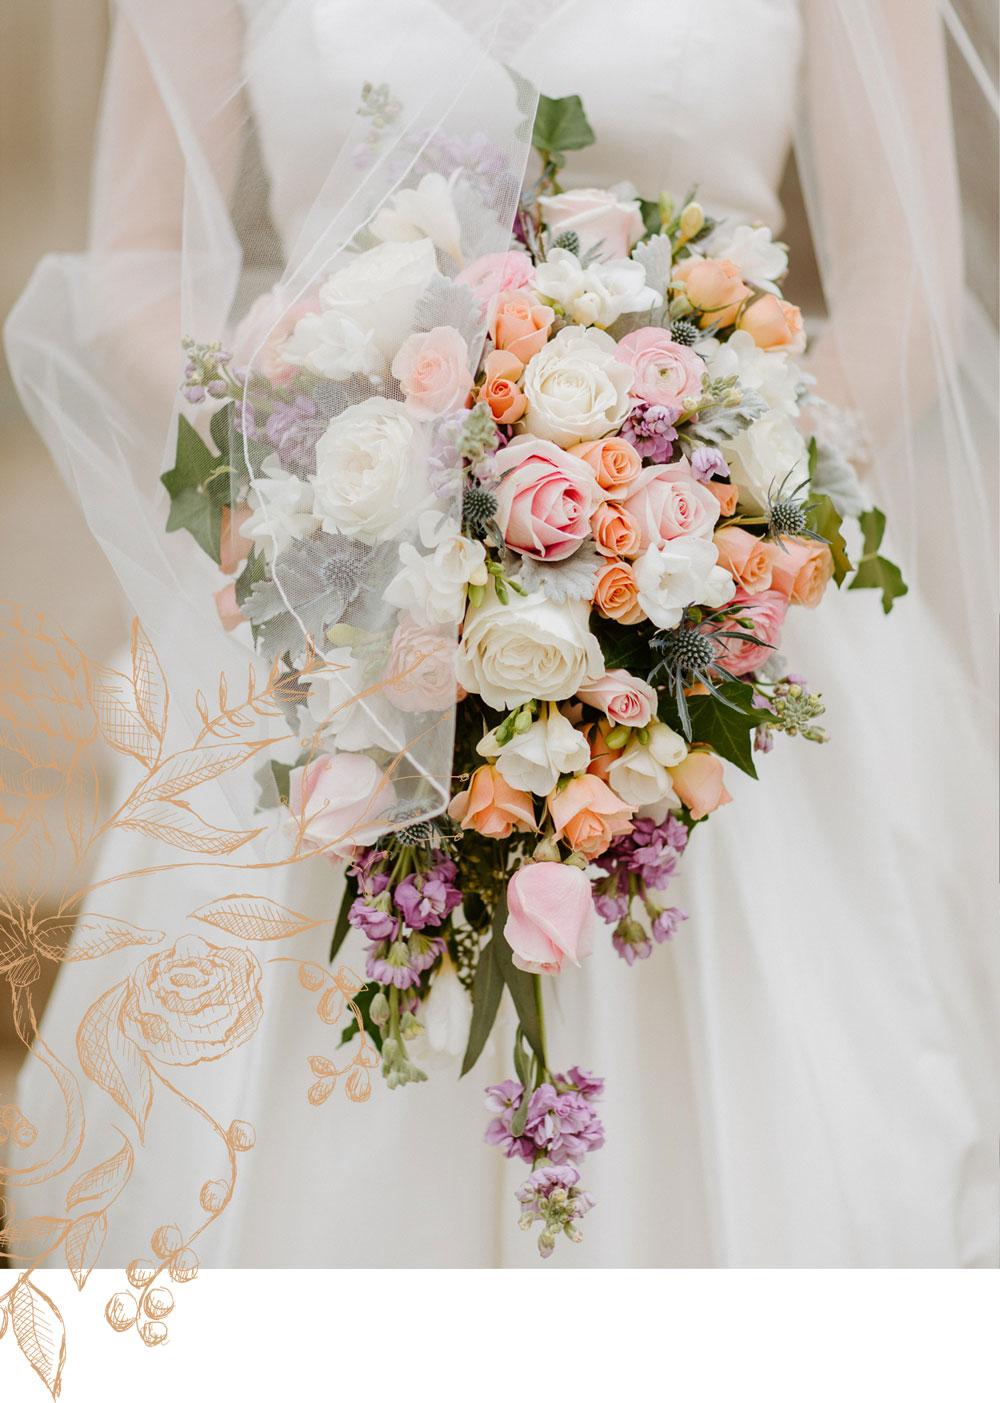 Abigail-Aiden-detroit-wedding-floral-design.jpg